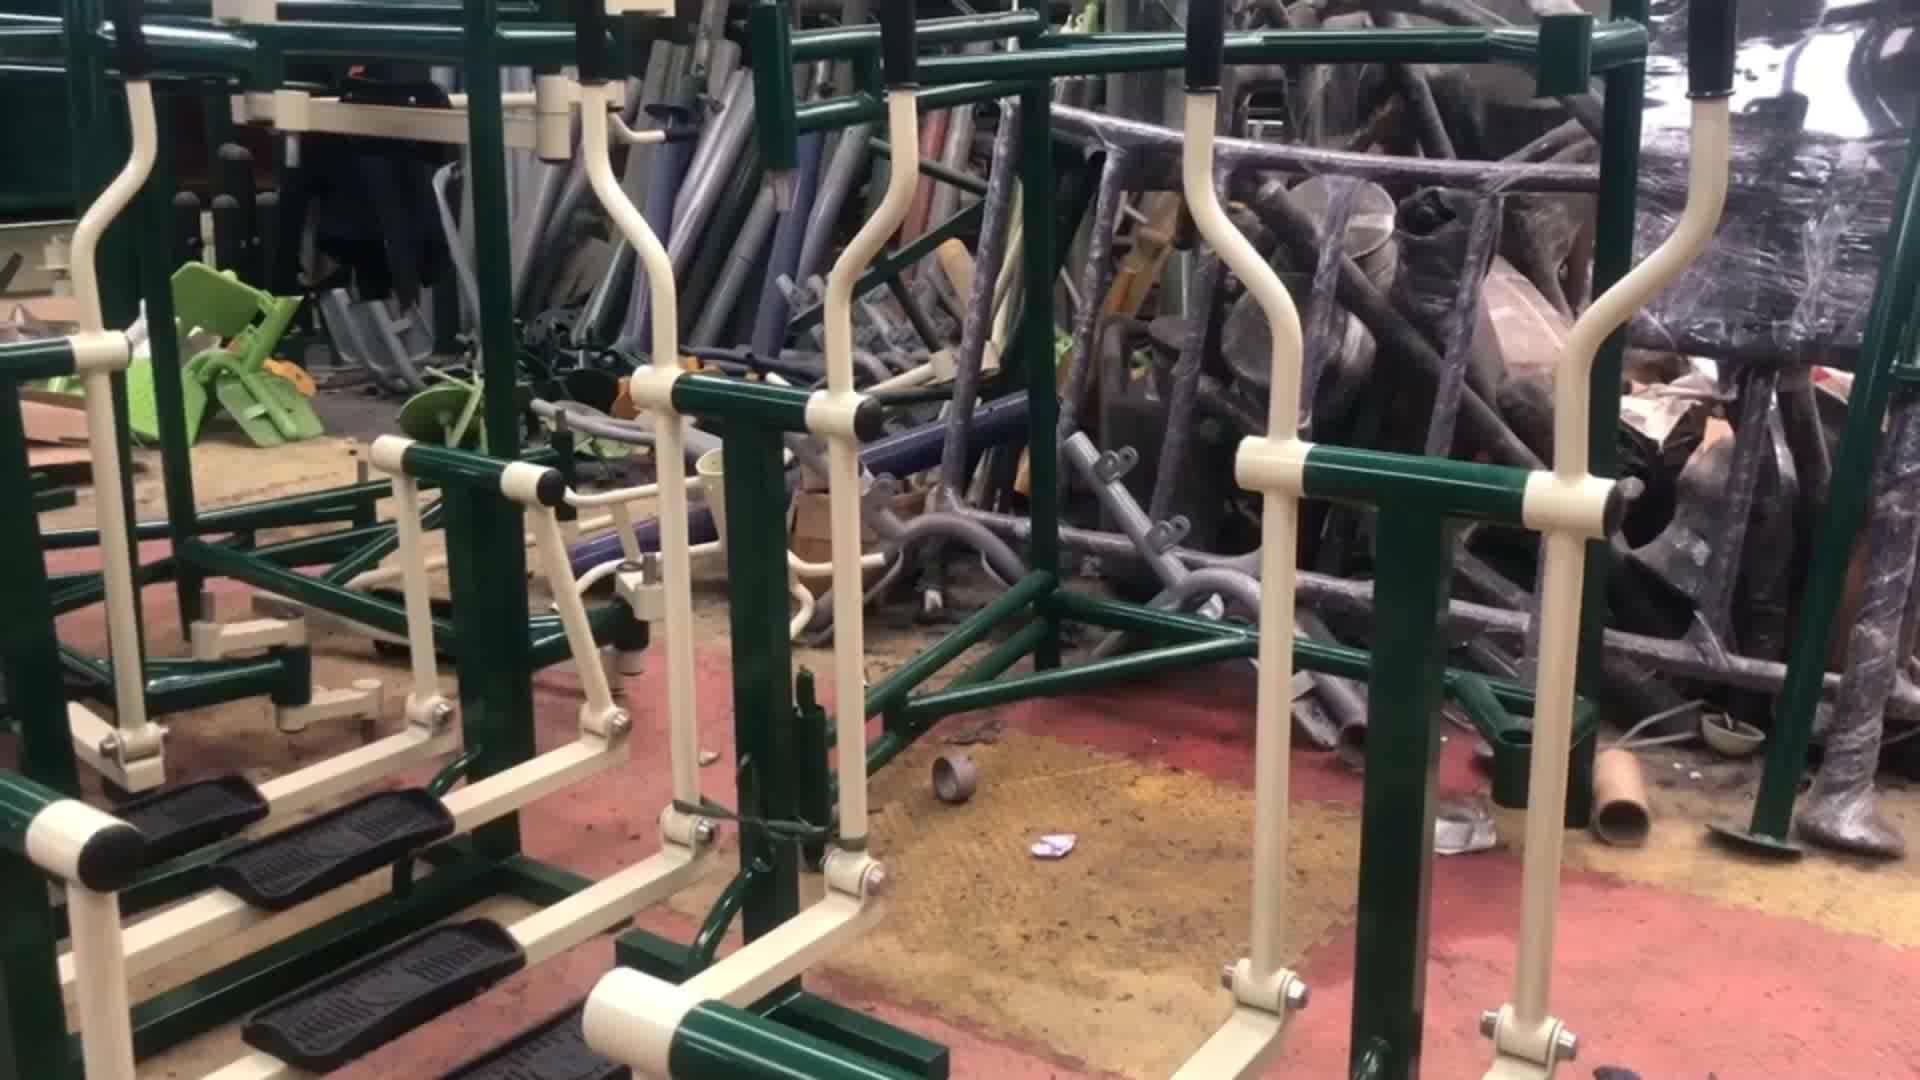 Marca novo clube desportivo fornecedores Profissionais ao ar livre parque comunidade de treinamento de fitness equipamentos de ginástica para venda